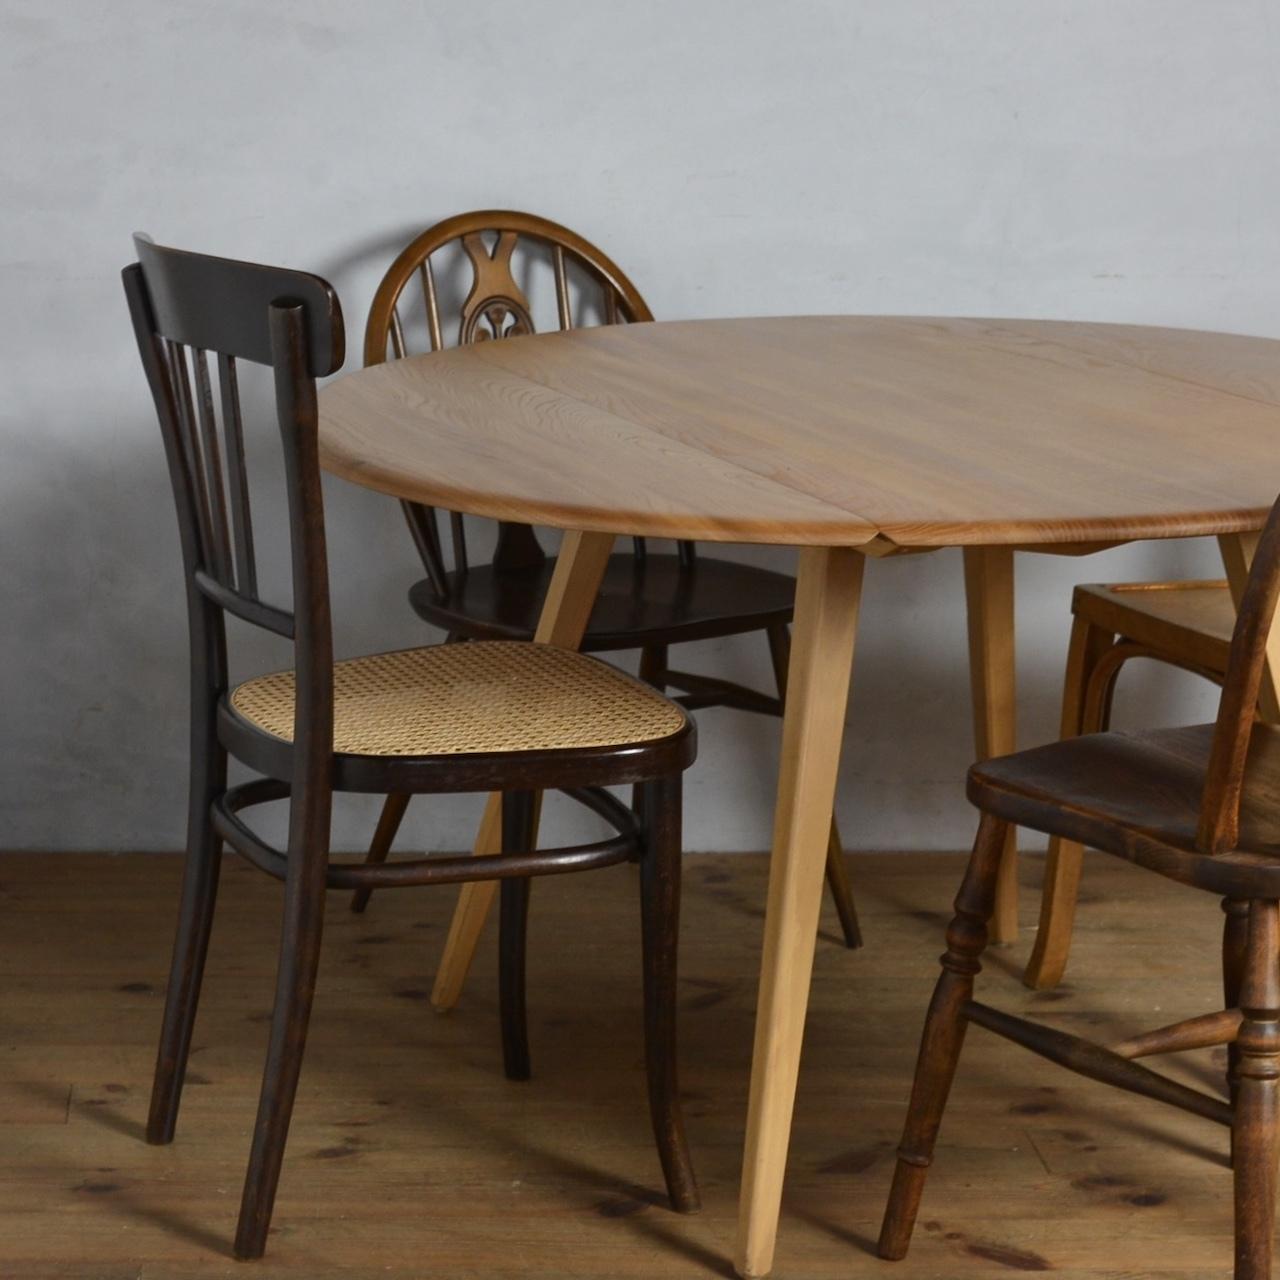 Ercol Oval Drop Leaf Table / アーコール ドロップ リーフ テーブル〈ダイニングテーブル・エクステンションテーブル伸張式・円卓・北欧〉 112315